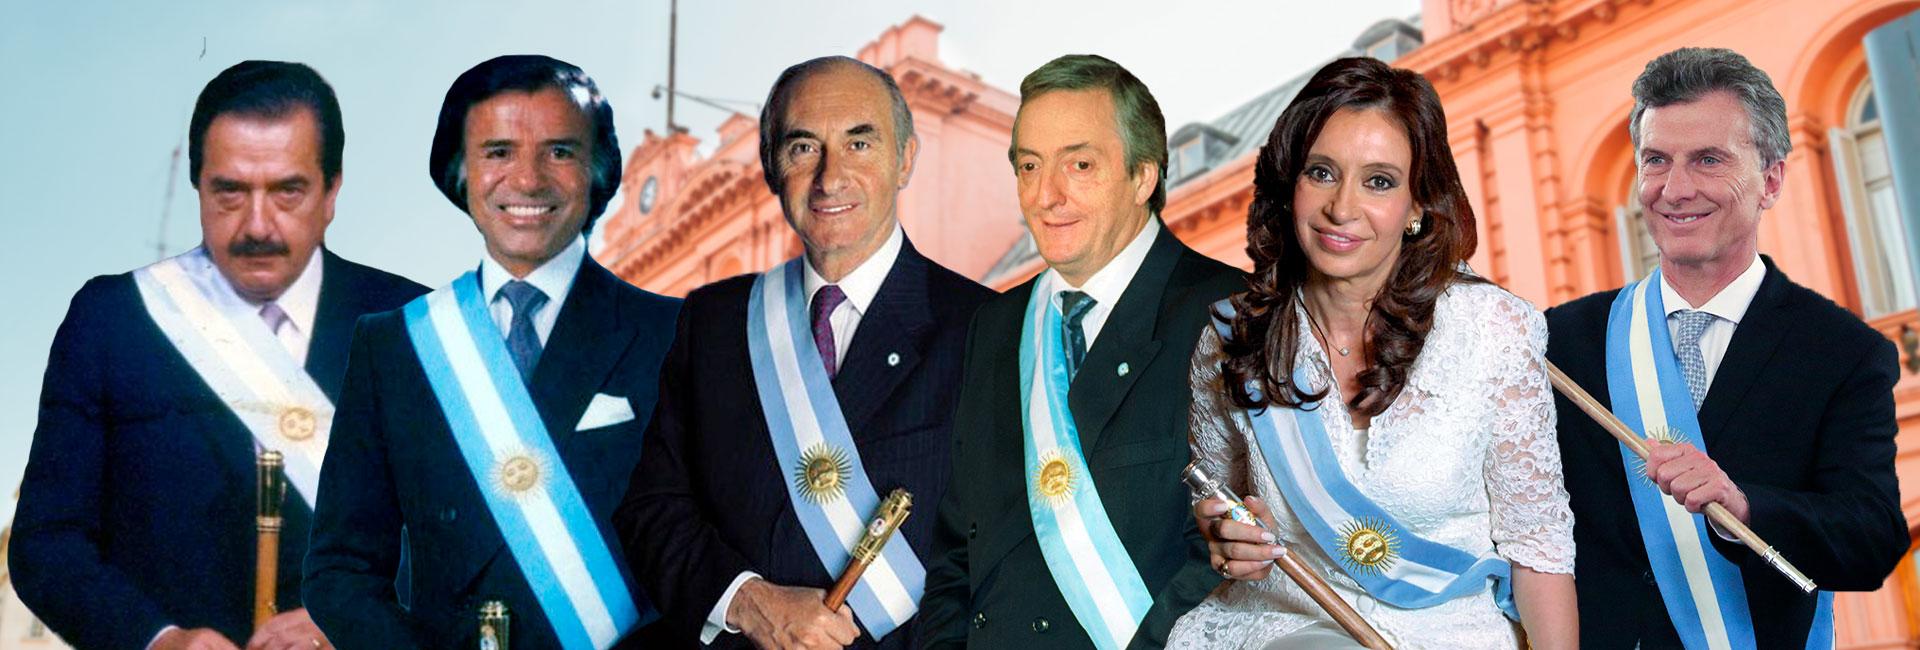 Los seis mandatarios que llegaron a la Casa Rosada desde el retorno democrático por los votos.